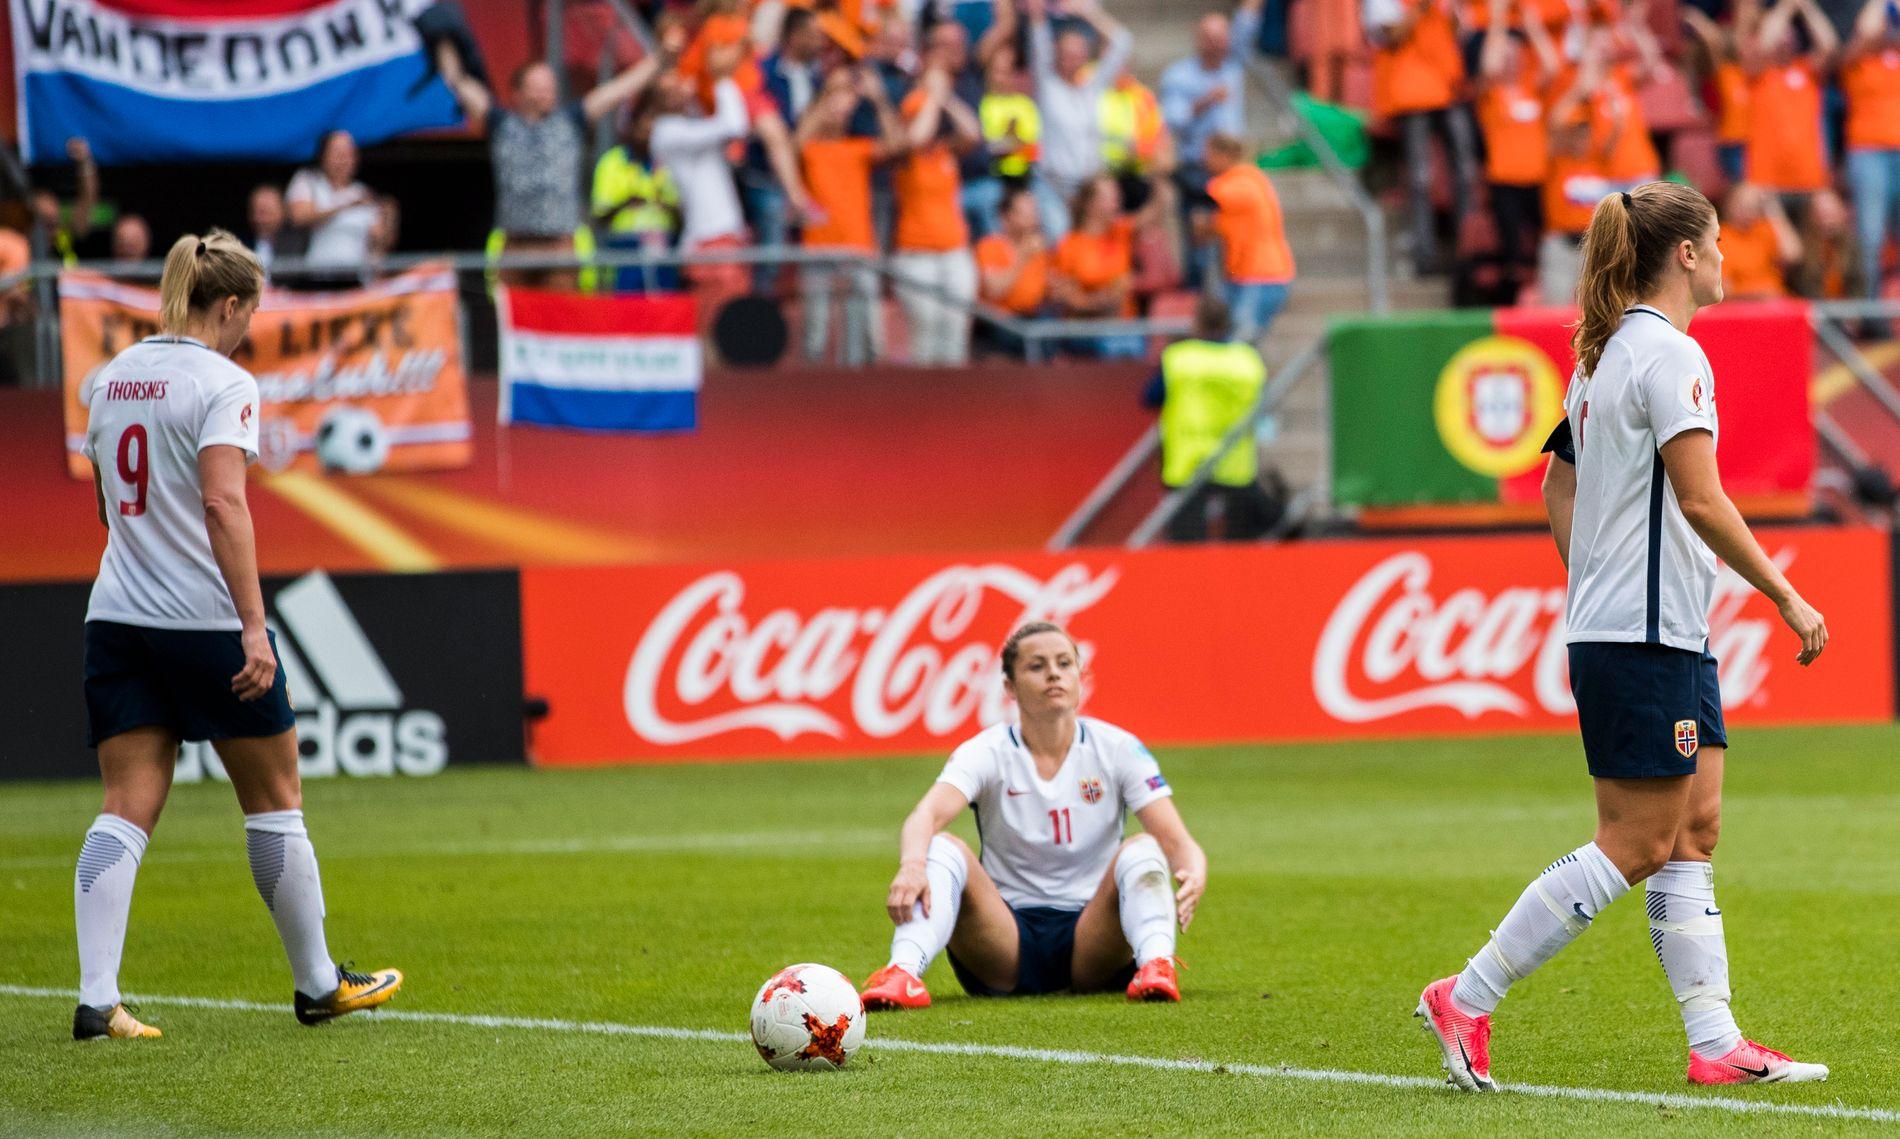 SUKK: Elise Hove Thorsnes, Nora H. Berge og Maren Mjelde skuffet etter at Nederland avgjorde kampen med 1-0-målet.